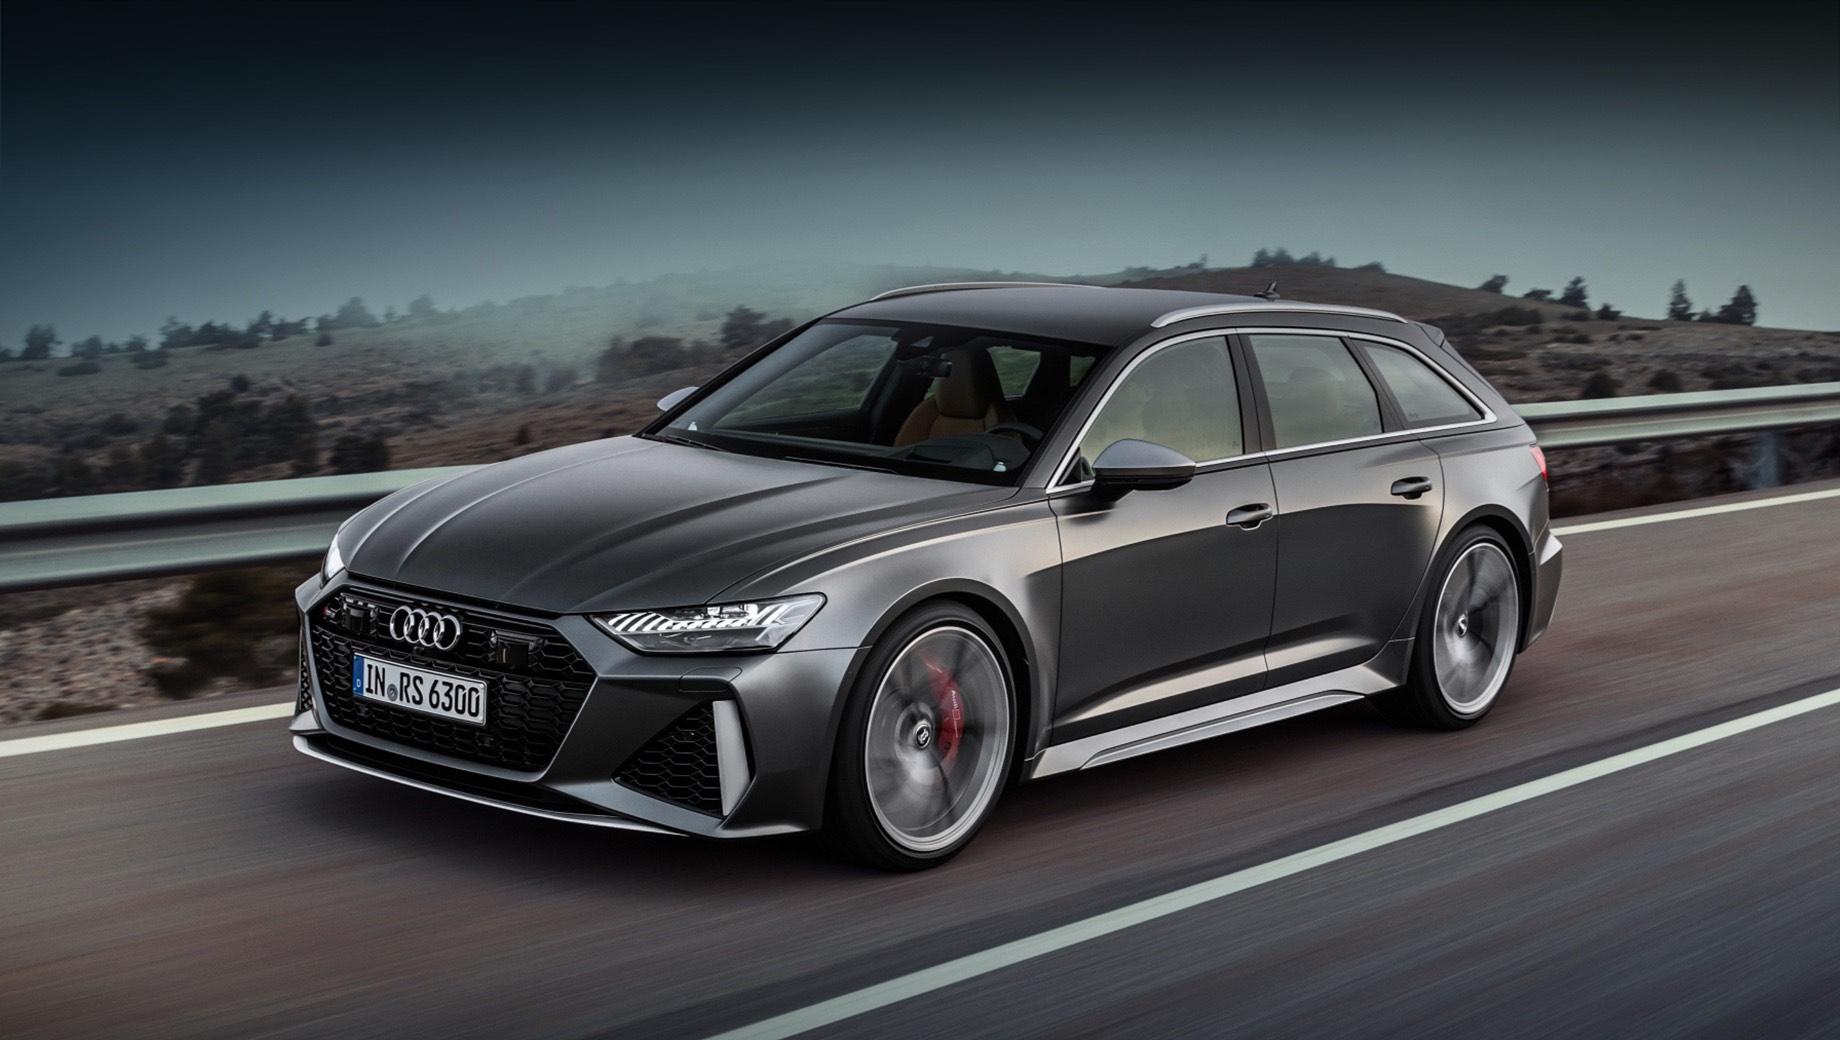 Audi RS 6 и RS 7 обзавелись умеренными ценниками